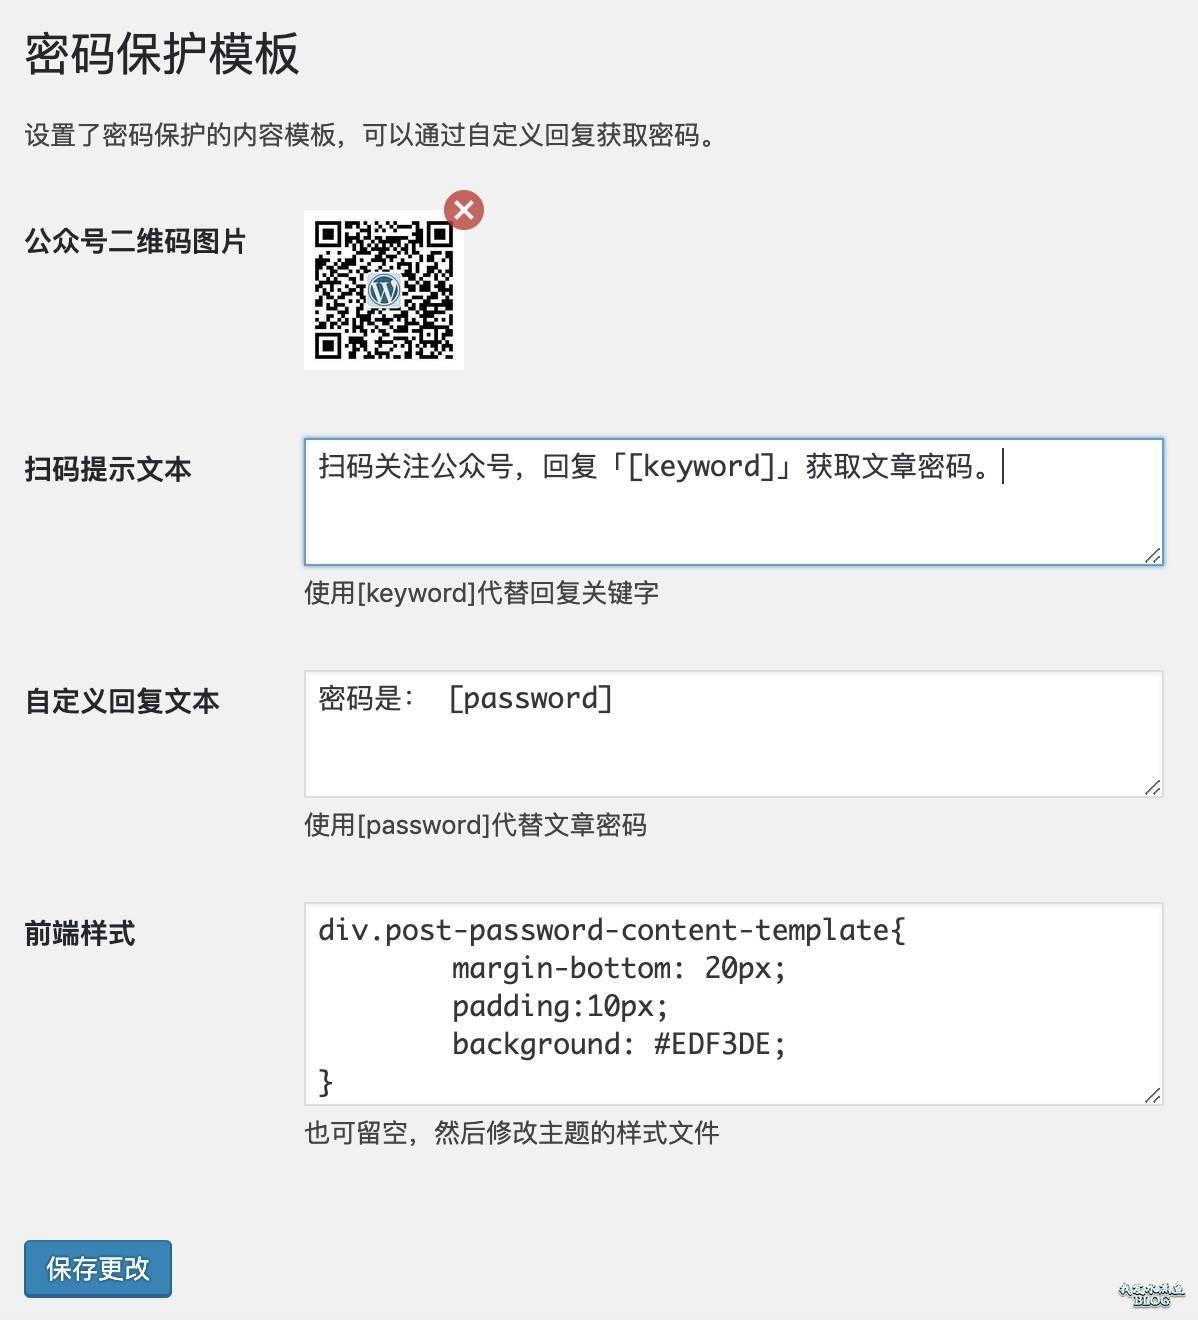 密码保护模板设置